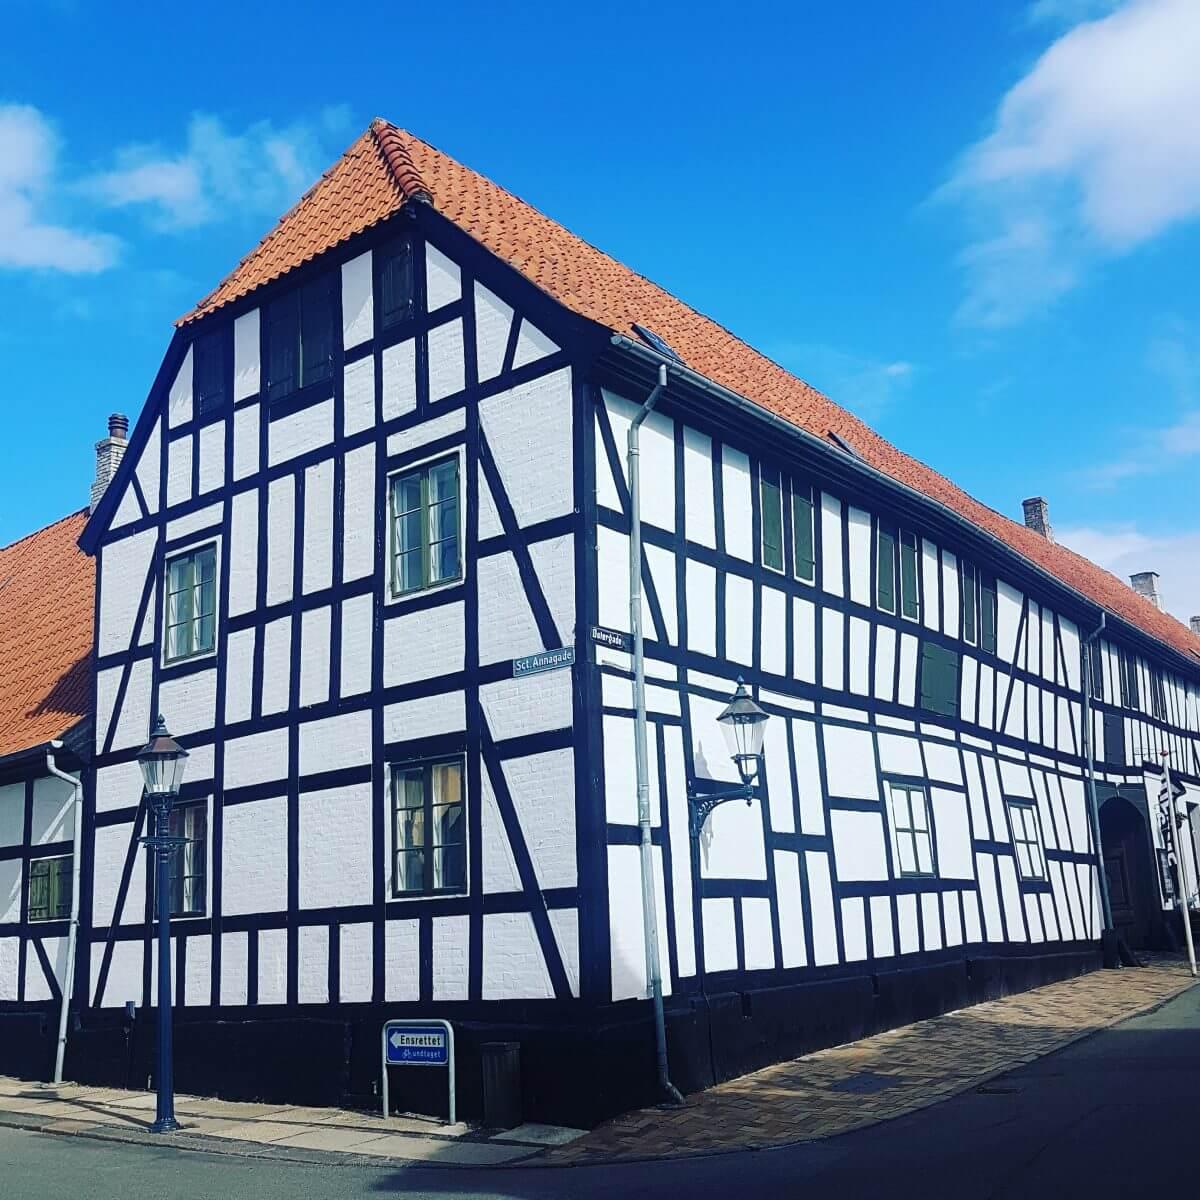 Vakantie met kids: sprookjesachtig Funen in Denemarken - de oude stad Bogense met strand en haven - Oude koopliedenhuis